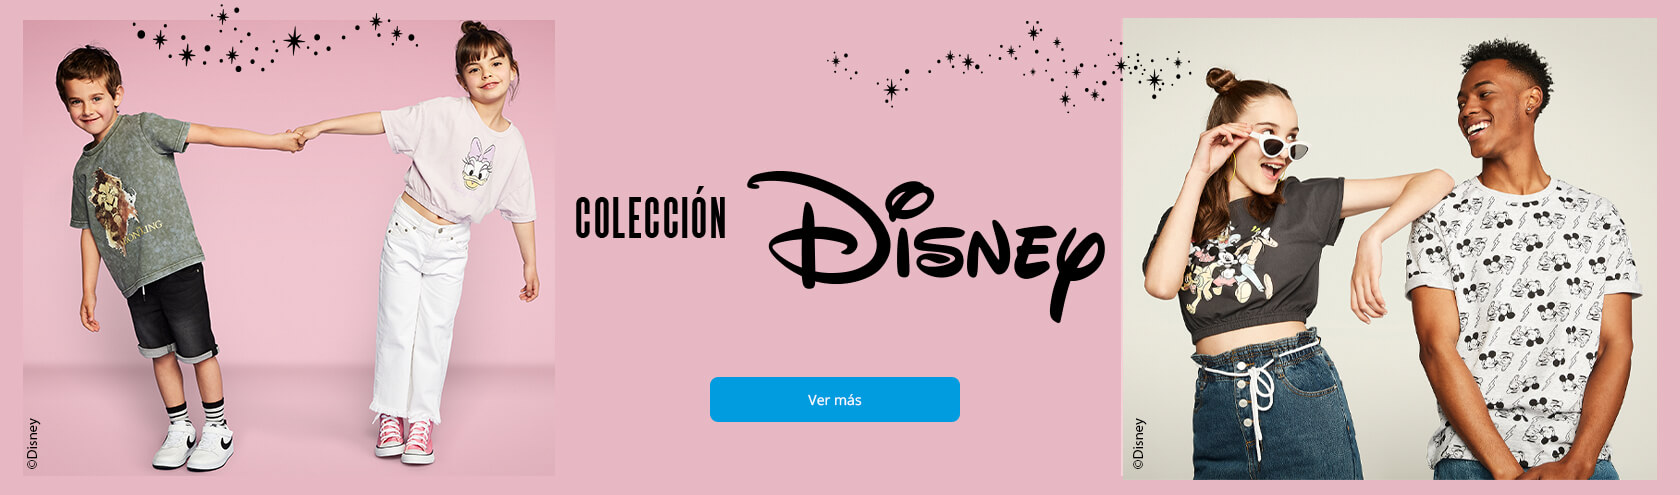 Colección Disney en Paris